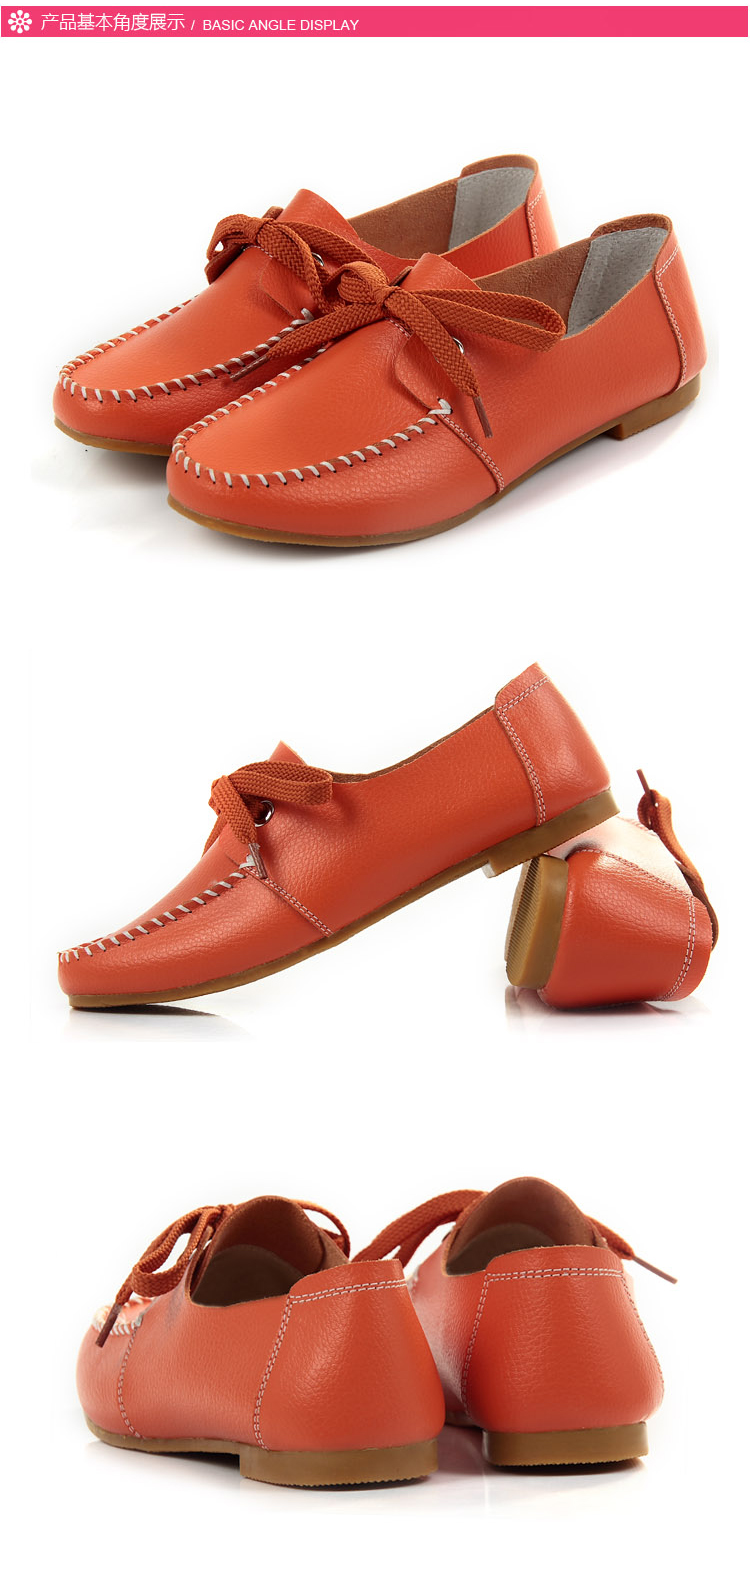 女真皮平底鞋单鞋休闲百搭